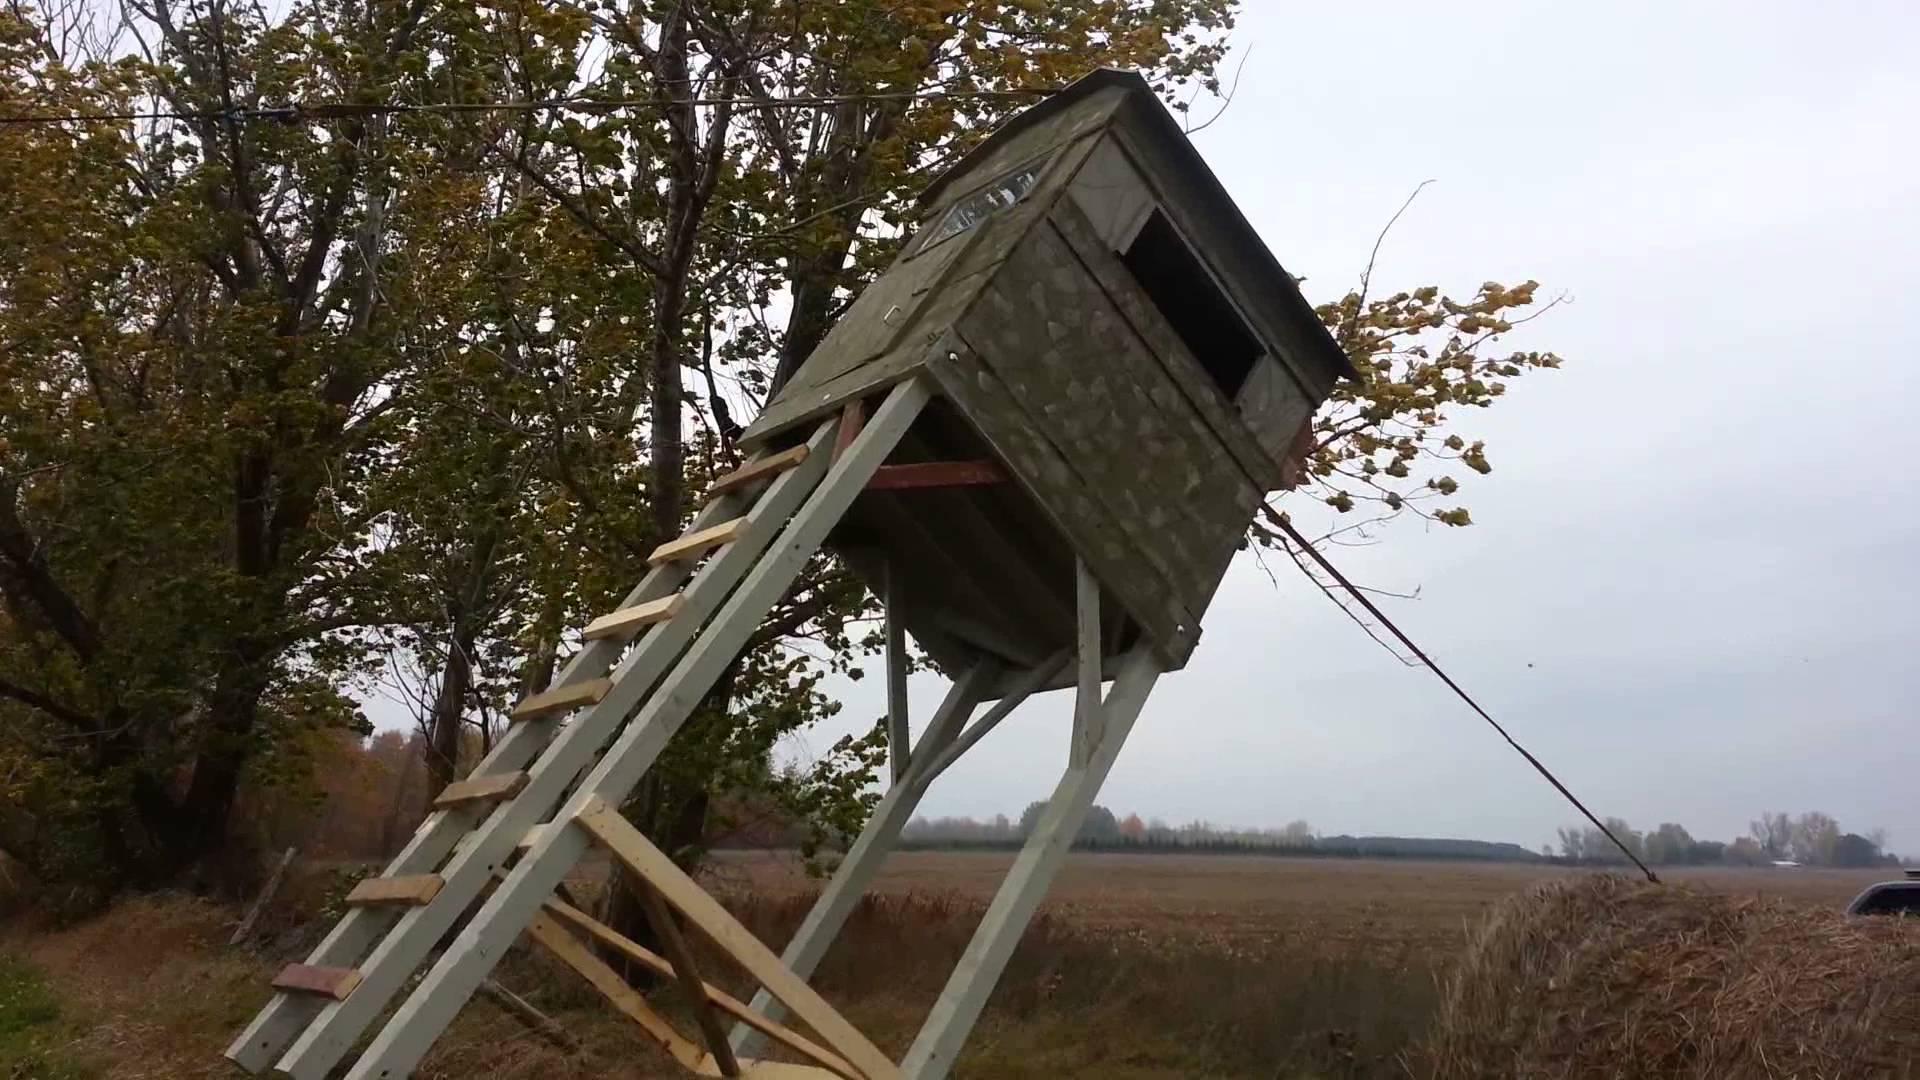 Kto w Puszczy Białowieskiej niszczy ambony myśliwskie?